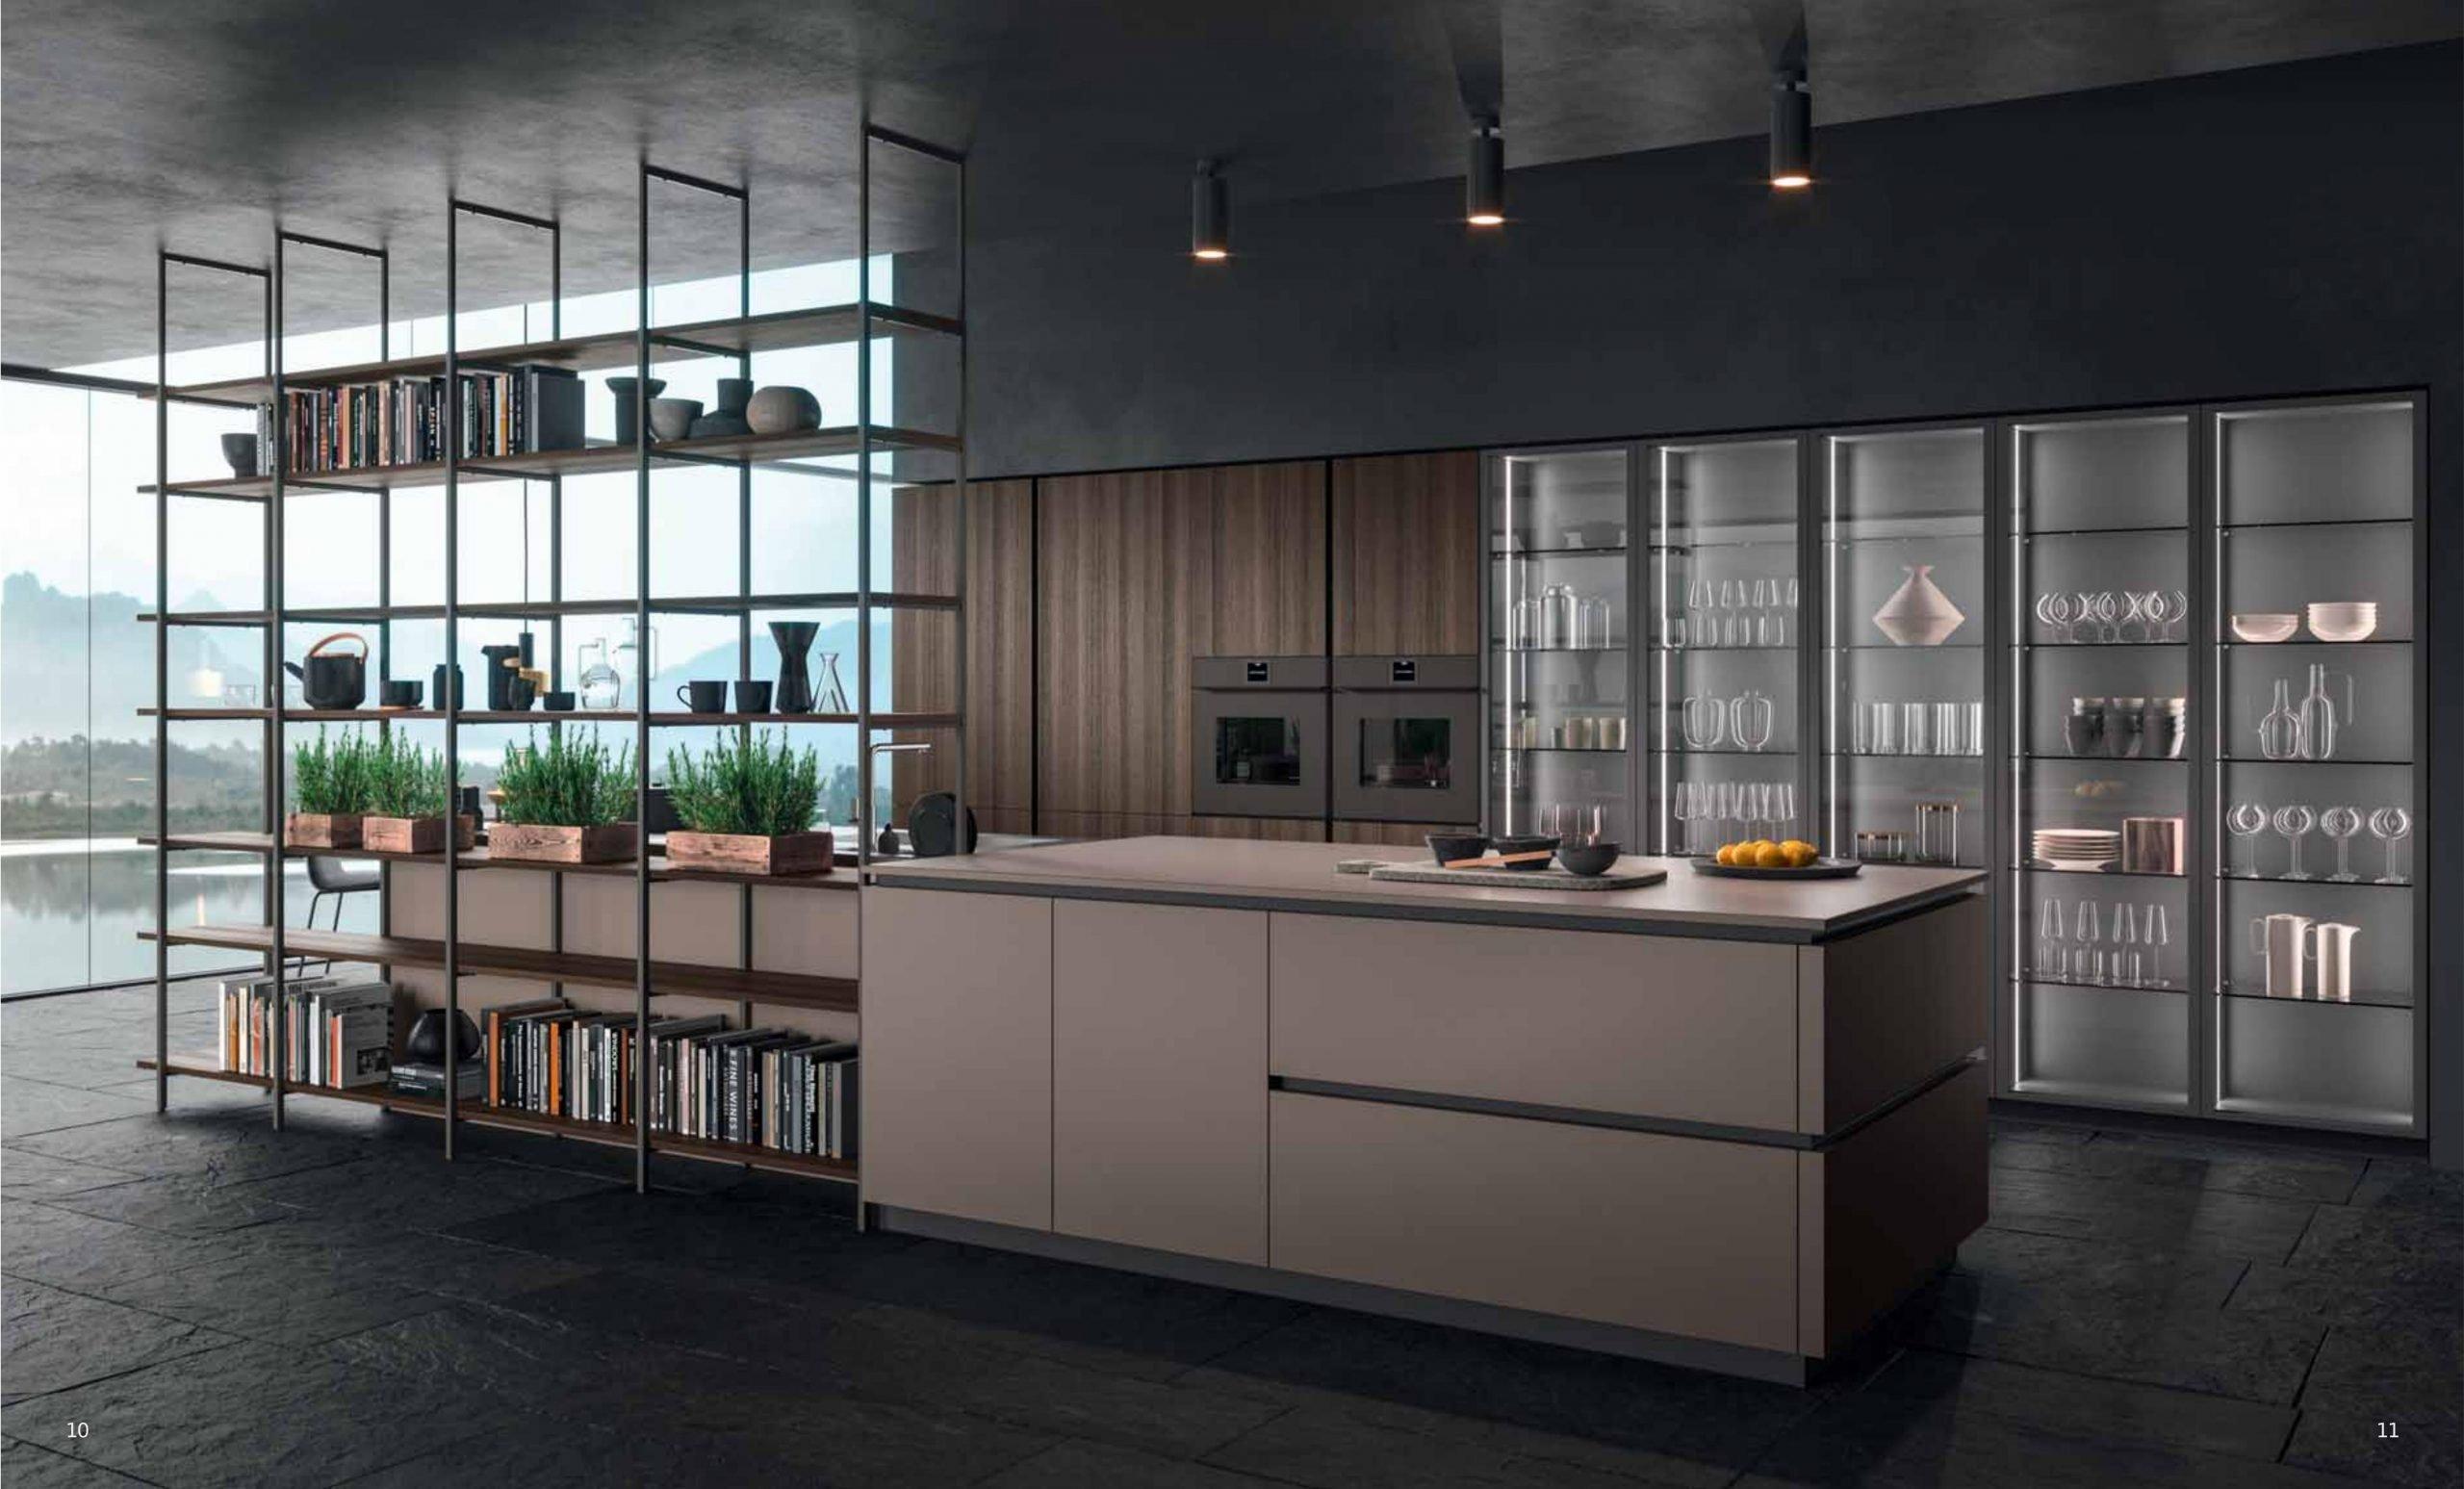 Della serie cucine XXL, composizione attrezzata con una ampia parete di colonne e isola a centro stanza